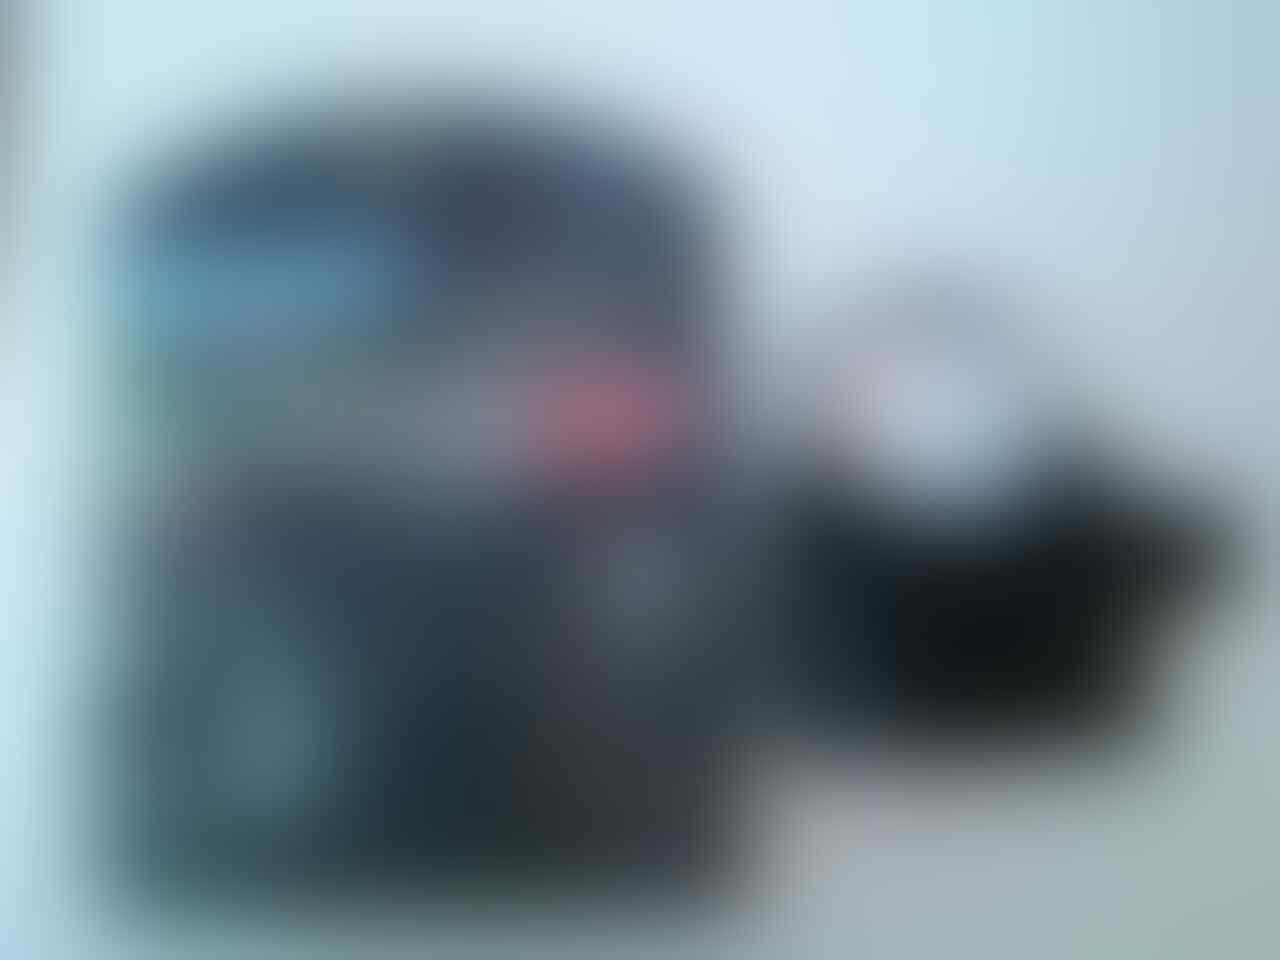 Terjual Cover Motorjaring Jok Anti Panasjas Hujanspionsarung Jaring Motor Panas Untuk Semua Jenis Sarung Tangan